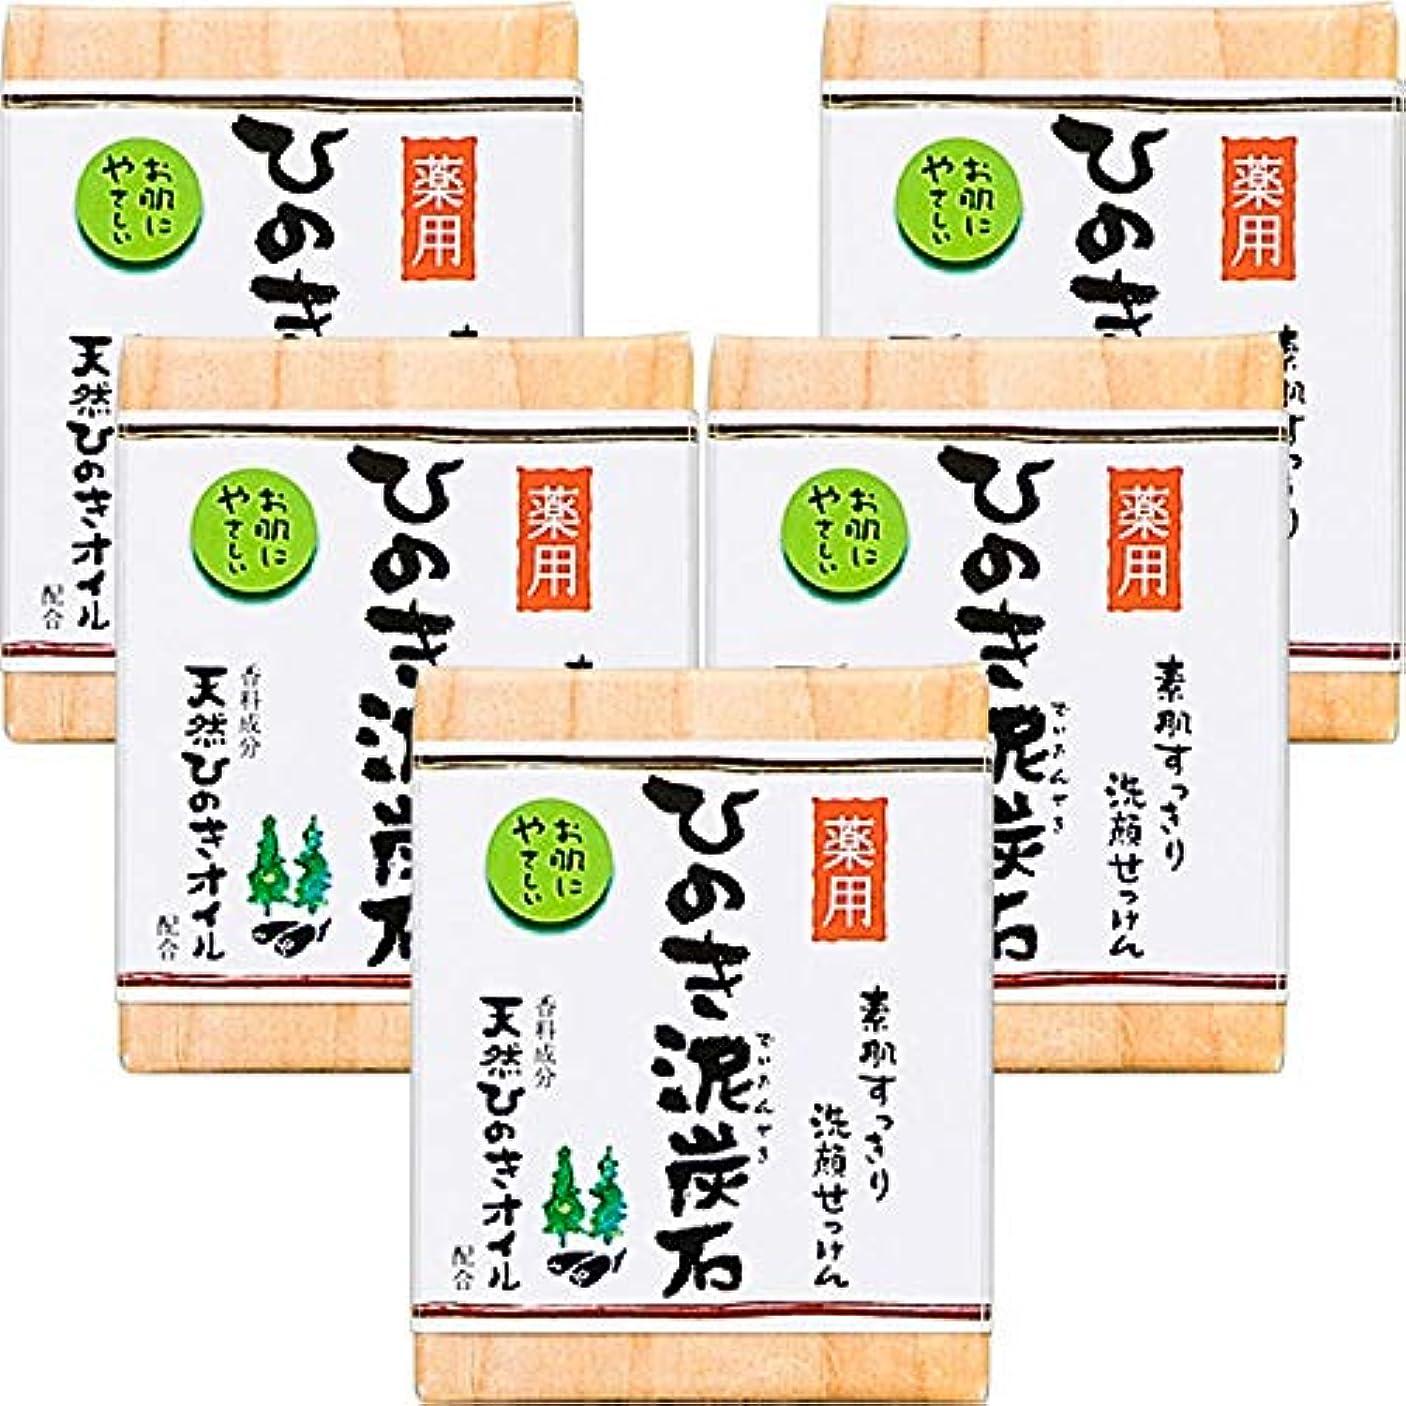 暗黙支配する規範薬用 ひのき泥炭石 (75g×5個) 洗顔 石けん [天然ひのきオイル配合] 肌荒れ防止